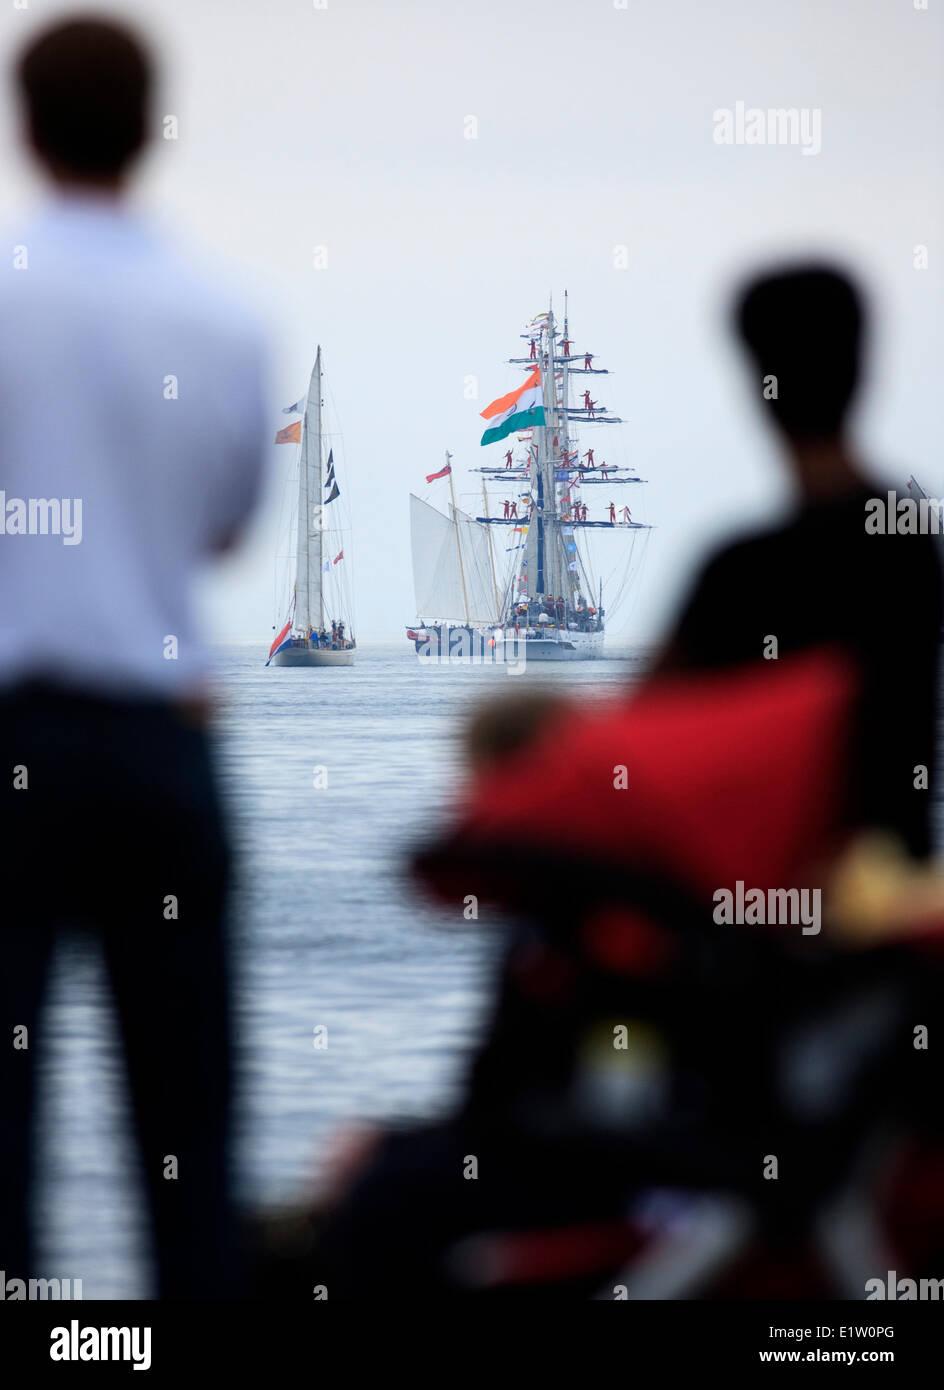 Le navi a vela in testa al mare come la gente guarda la sfilata di vela conclusione del 2007 Tall Ships festival Immagini Stock